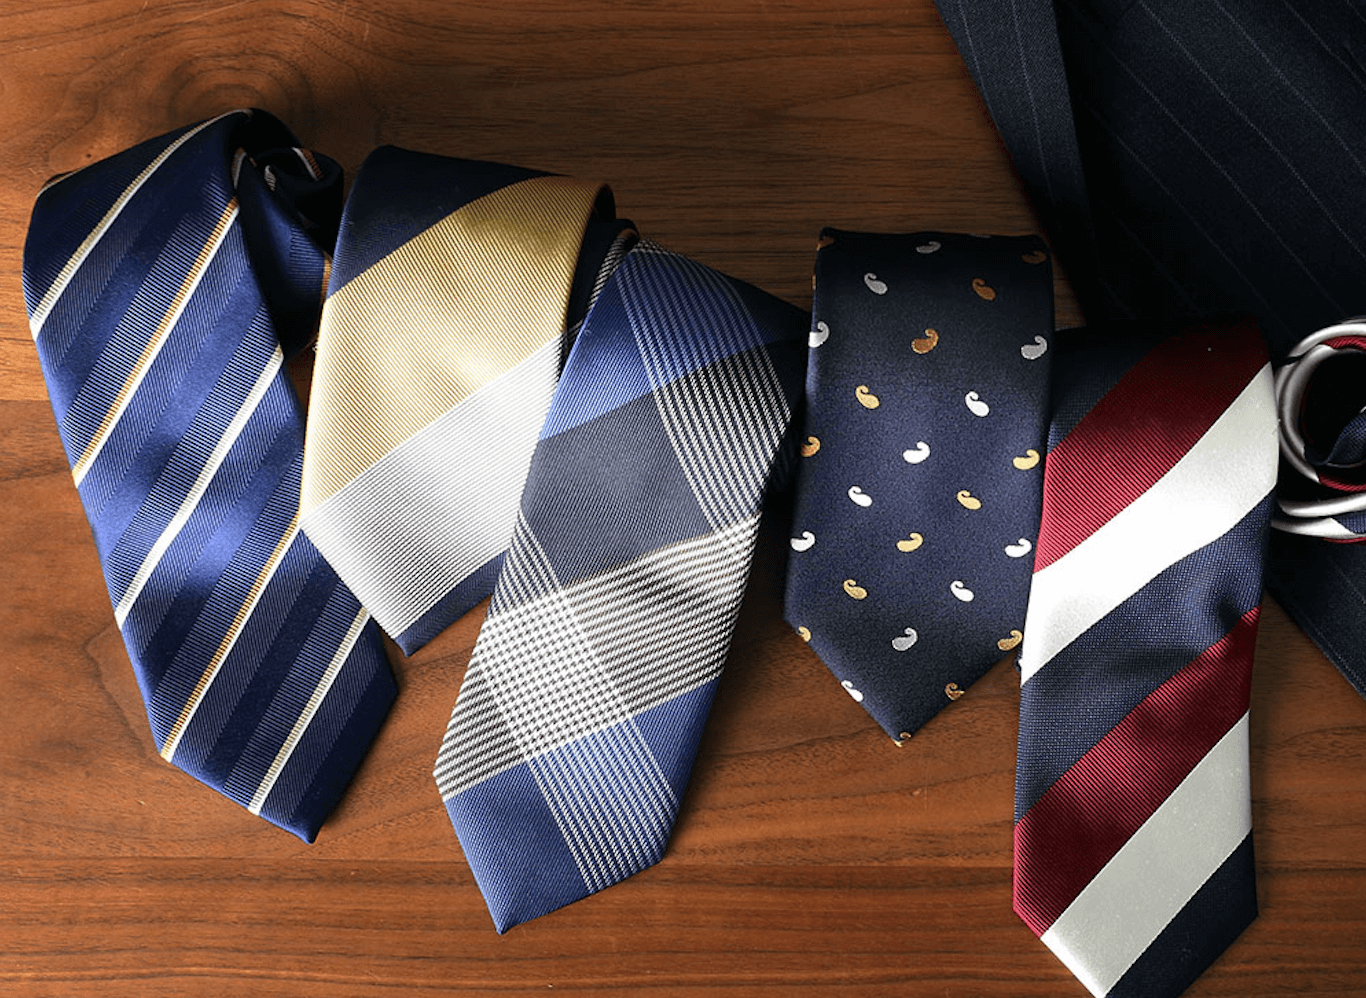 プレゼントでネクタイを彼氏に!人気ブランドと人気のネクタイを紹介!